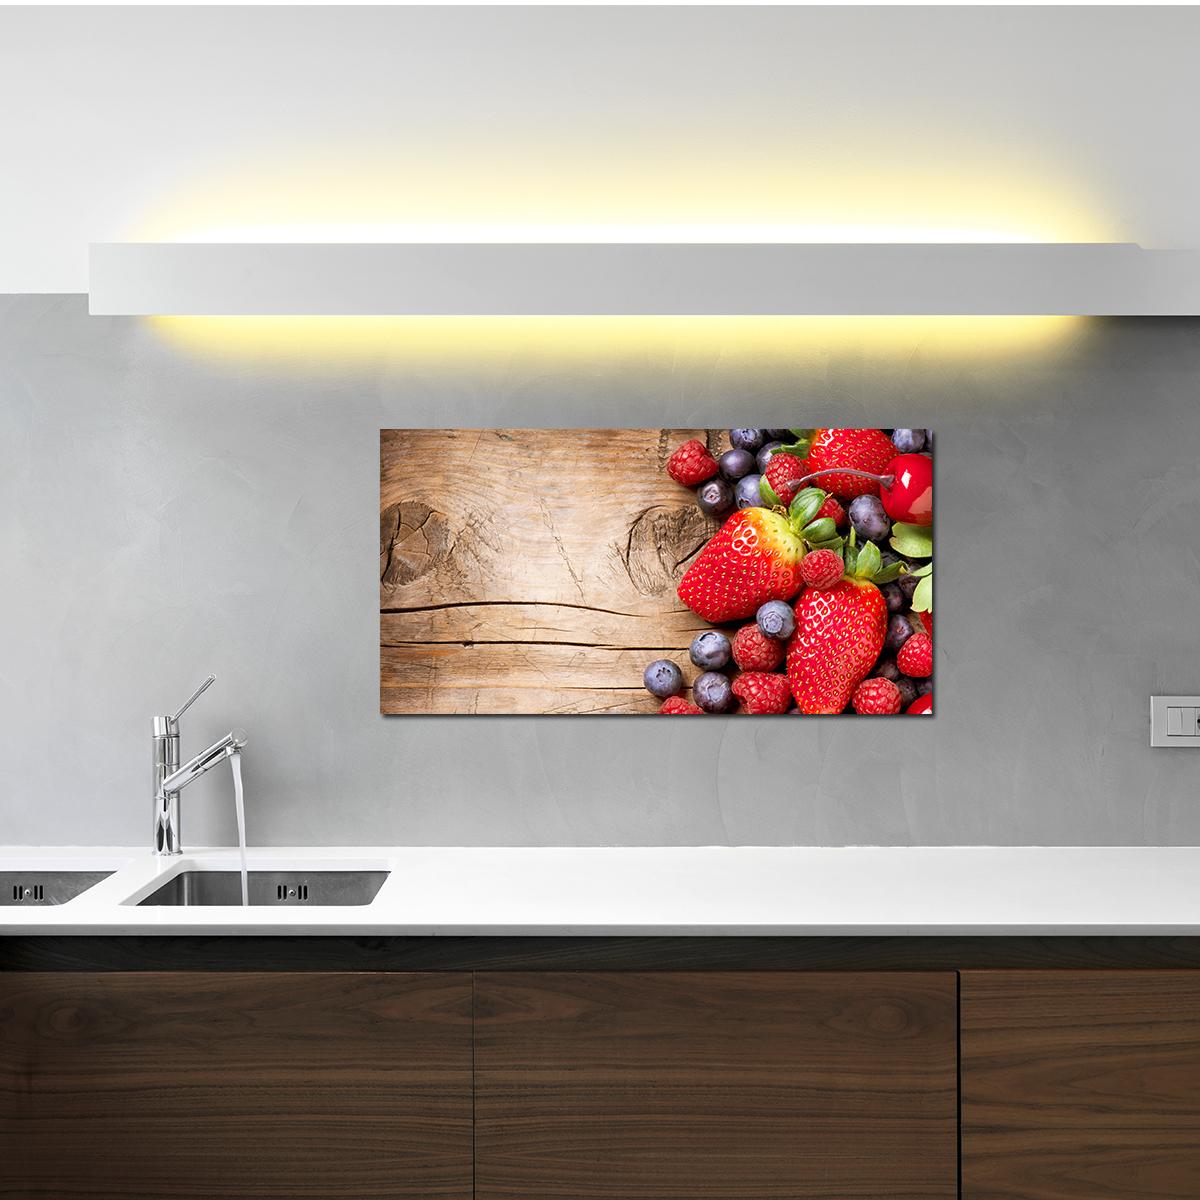 papier peint magn tique sticker papier peint magn tique fruits ambiance. Black Bedroom Furniture Sets. Home Design Ideas